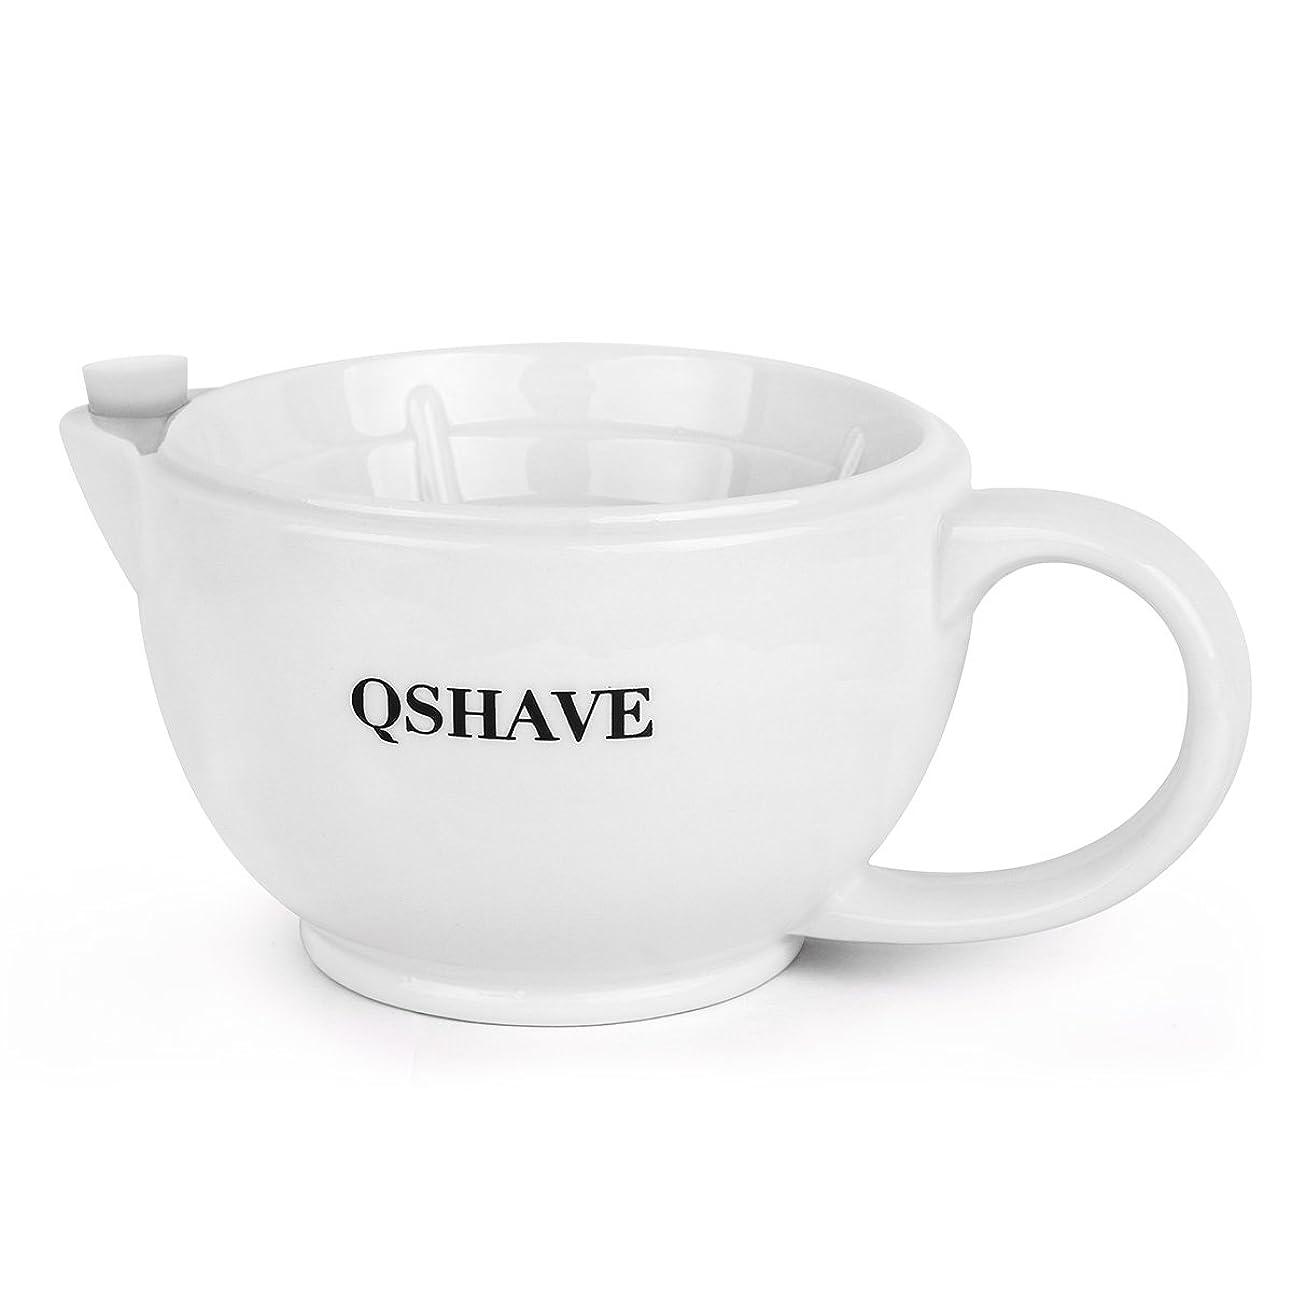 シェーバーれんがシャットQSHAVE シェービングシャトルのマグカップ - 常に泡を保つ - 手作りの陶器のカップ 白